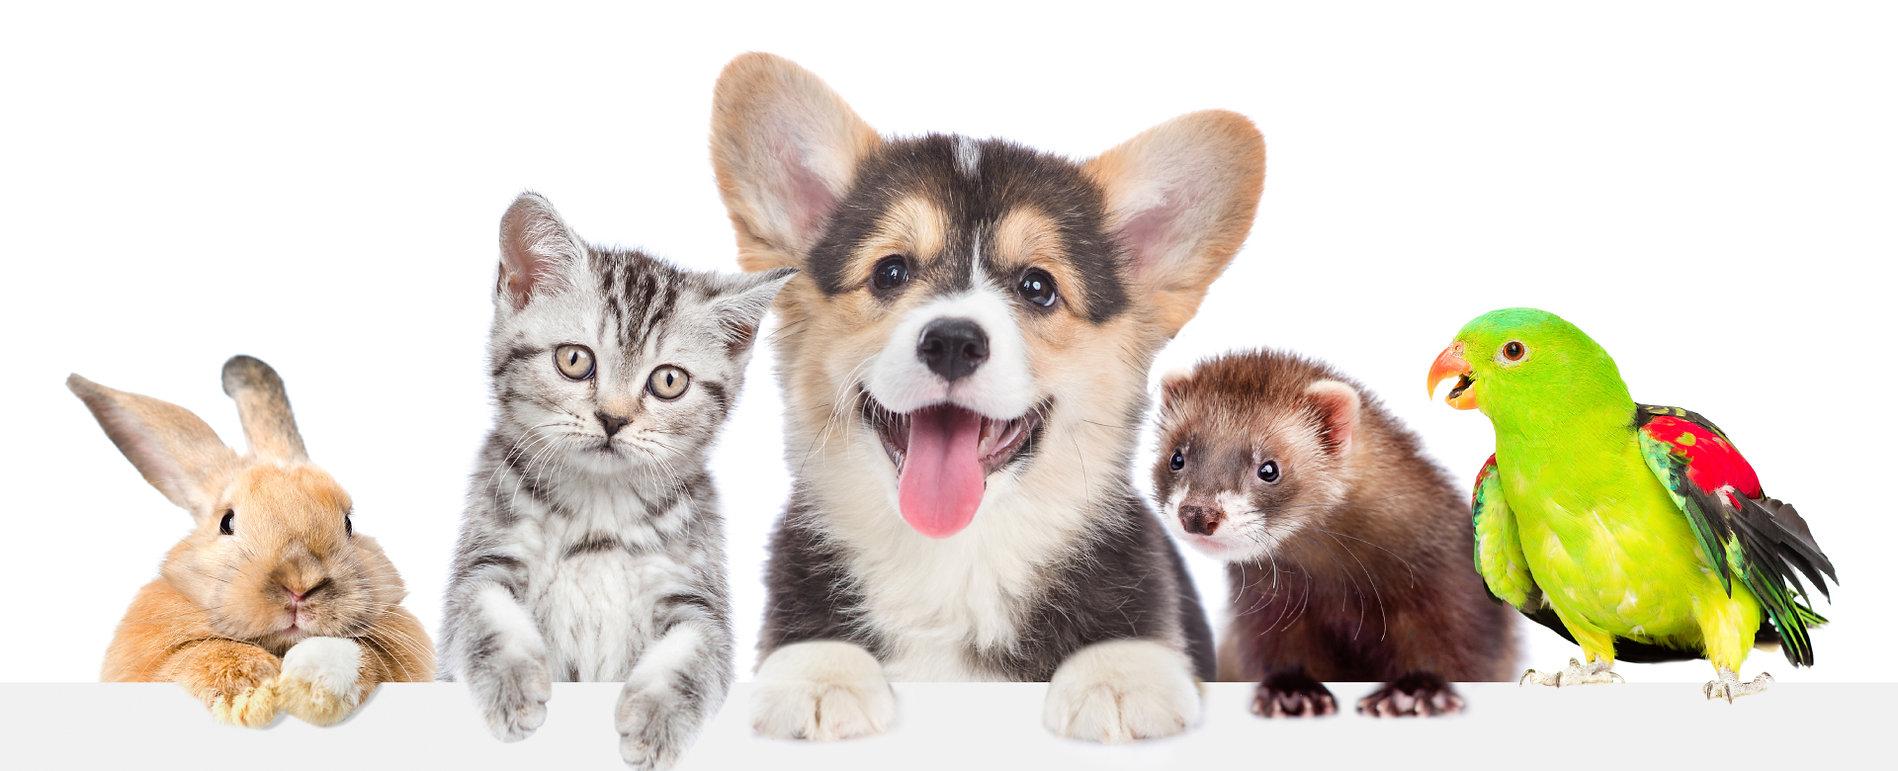 bg_terapia_pets.jpg